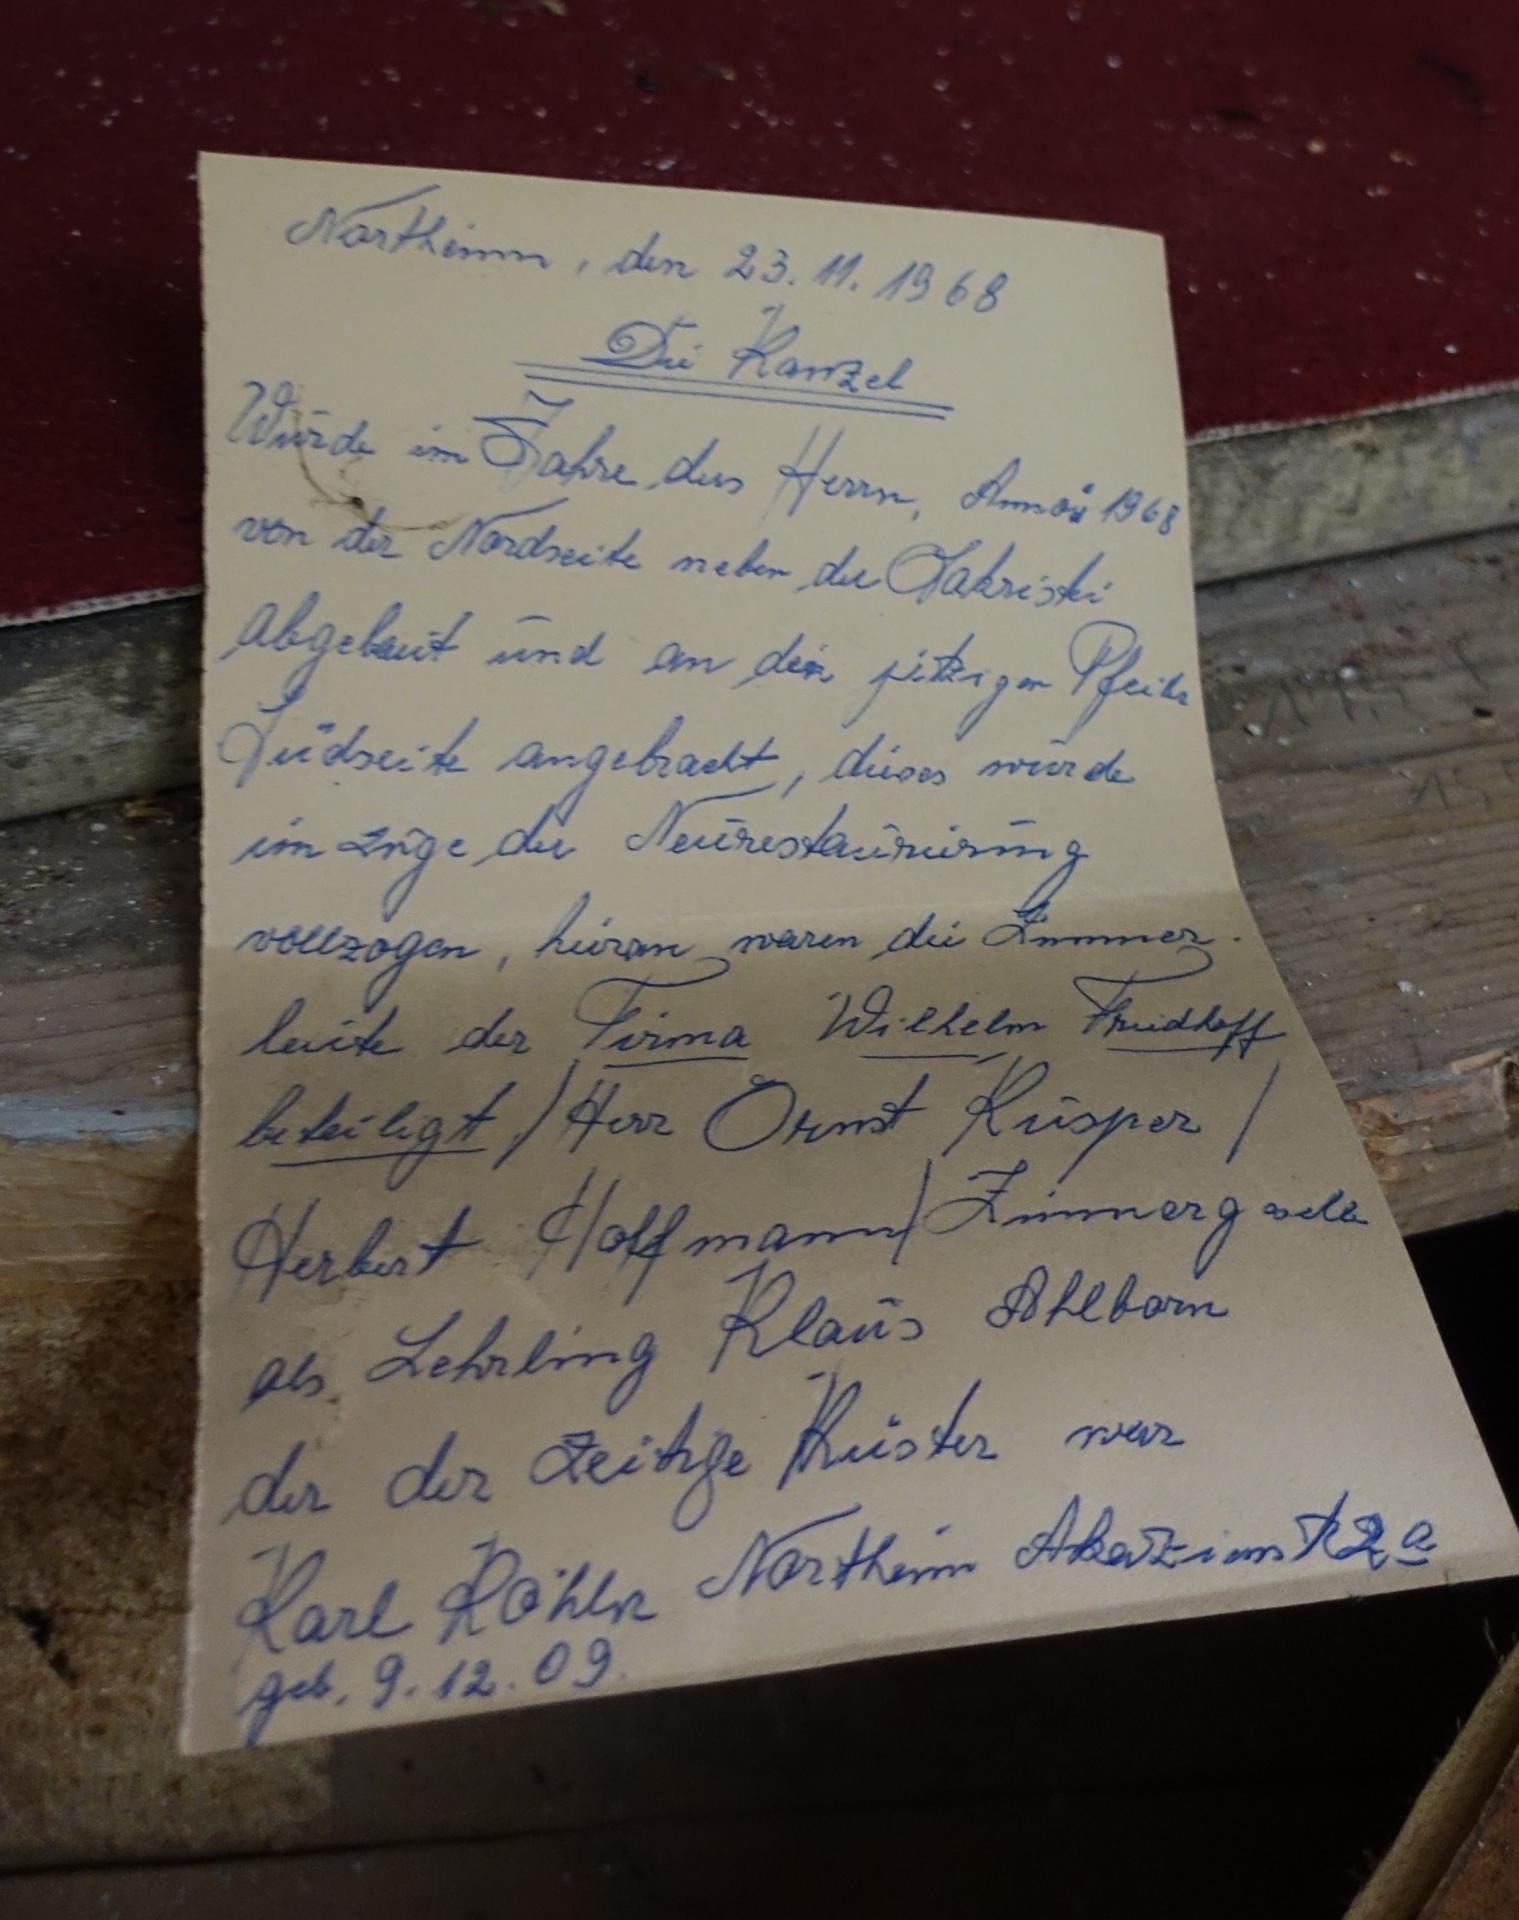 Notiz von 1968 in der Kanzel versteckt